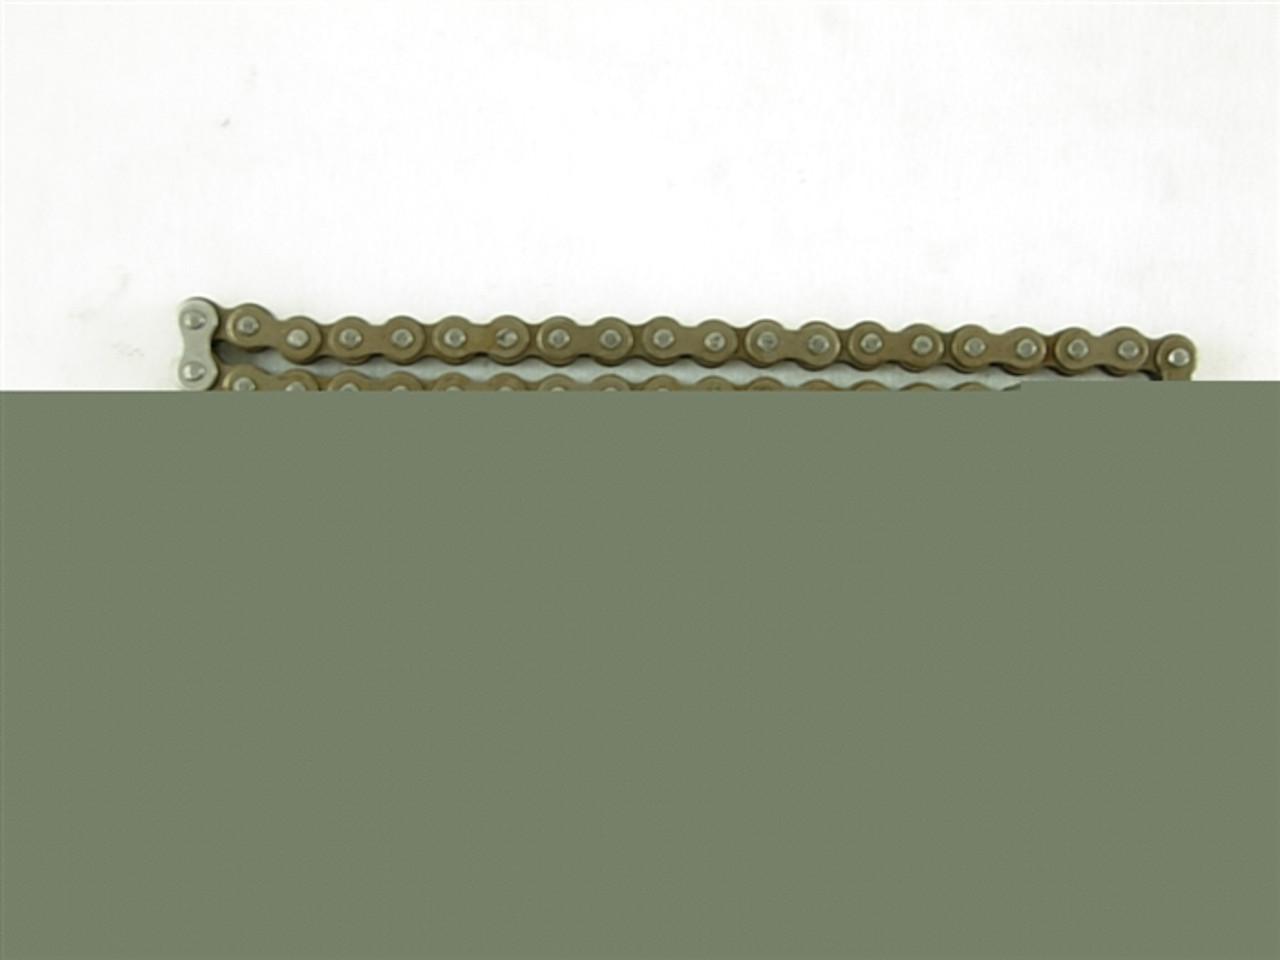 CHAIN 11778-A99-14